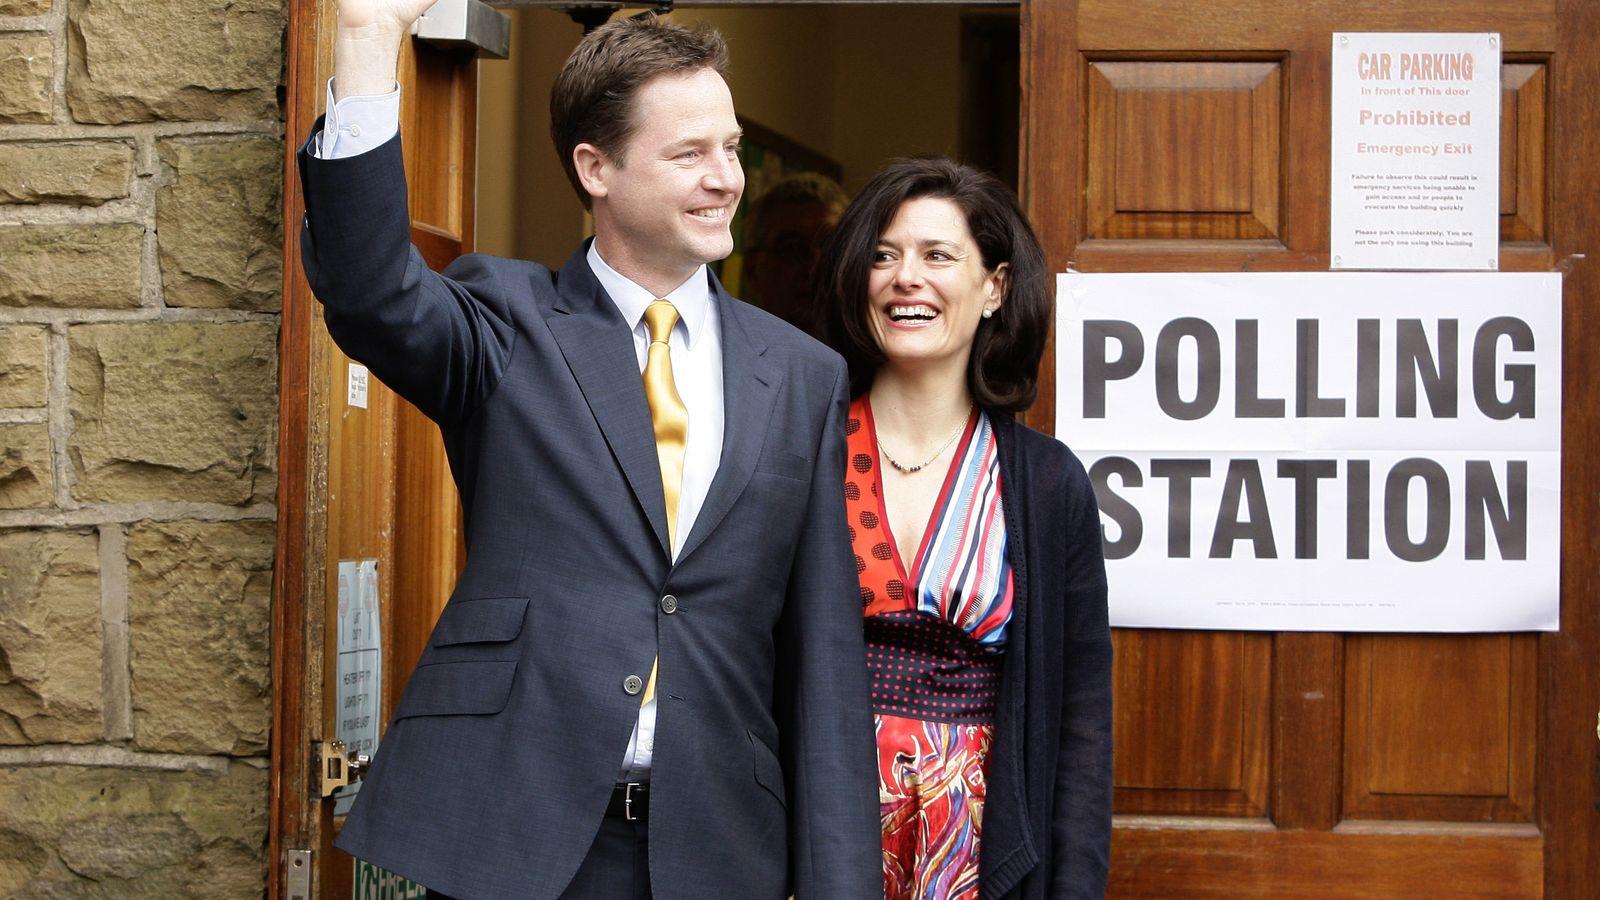 Foto: La abogada Miriam González Durántez, autora del artículo, con su marido, el ex líder del Partido Liberal británico Nick Clegg. (EC)